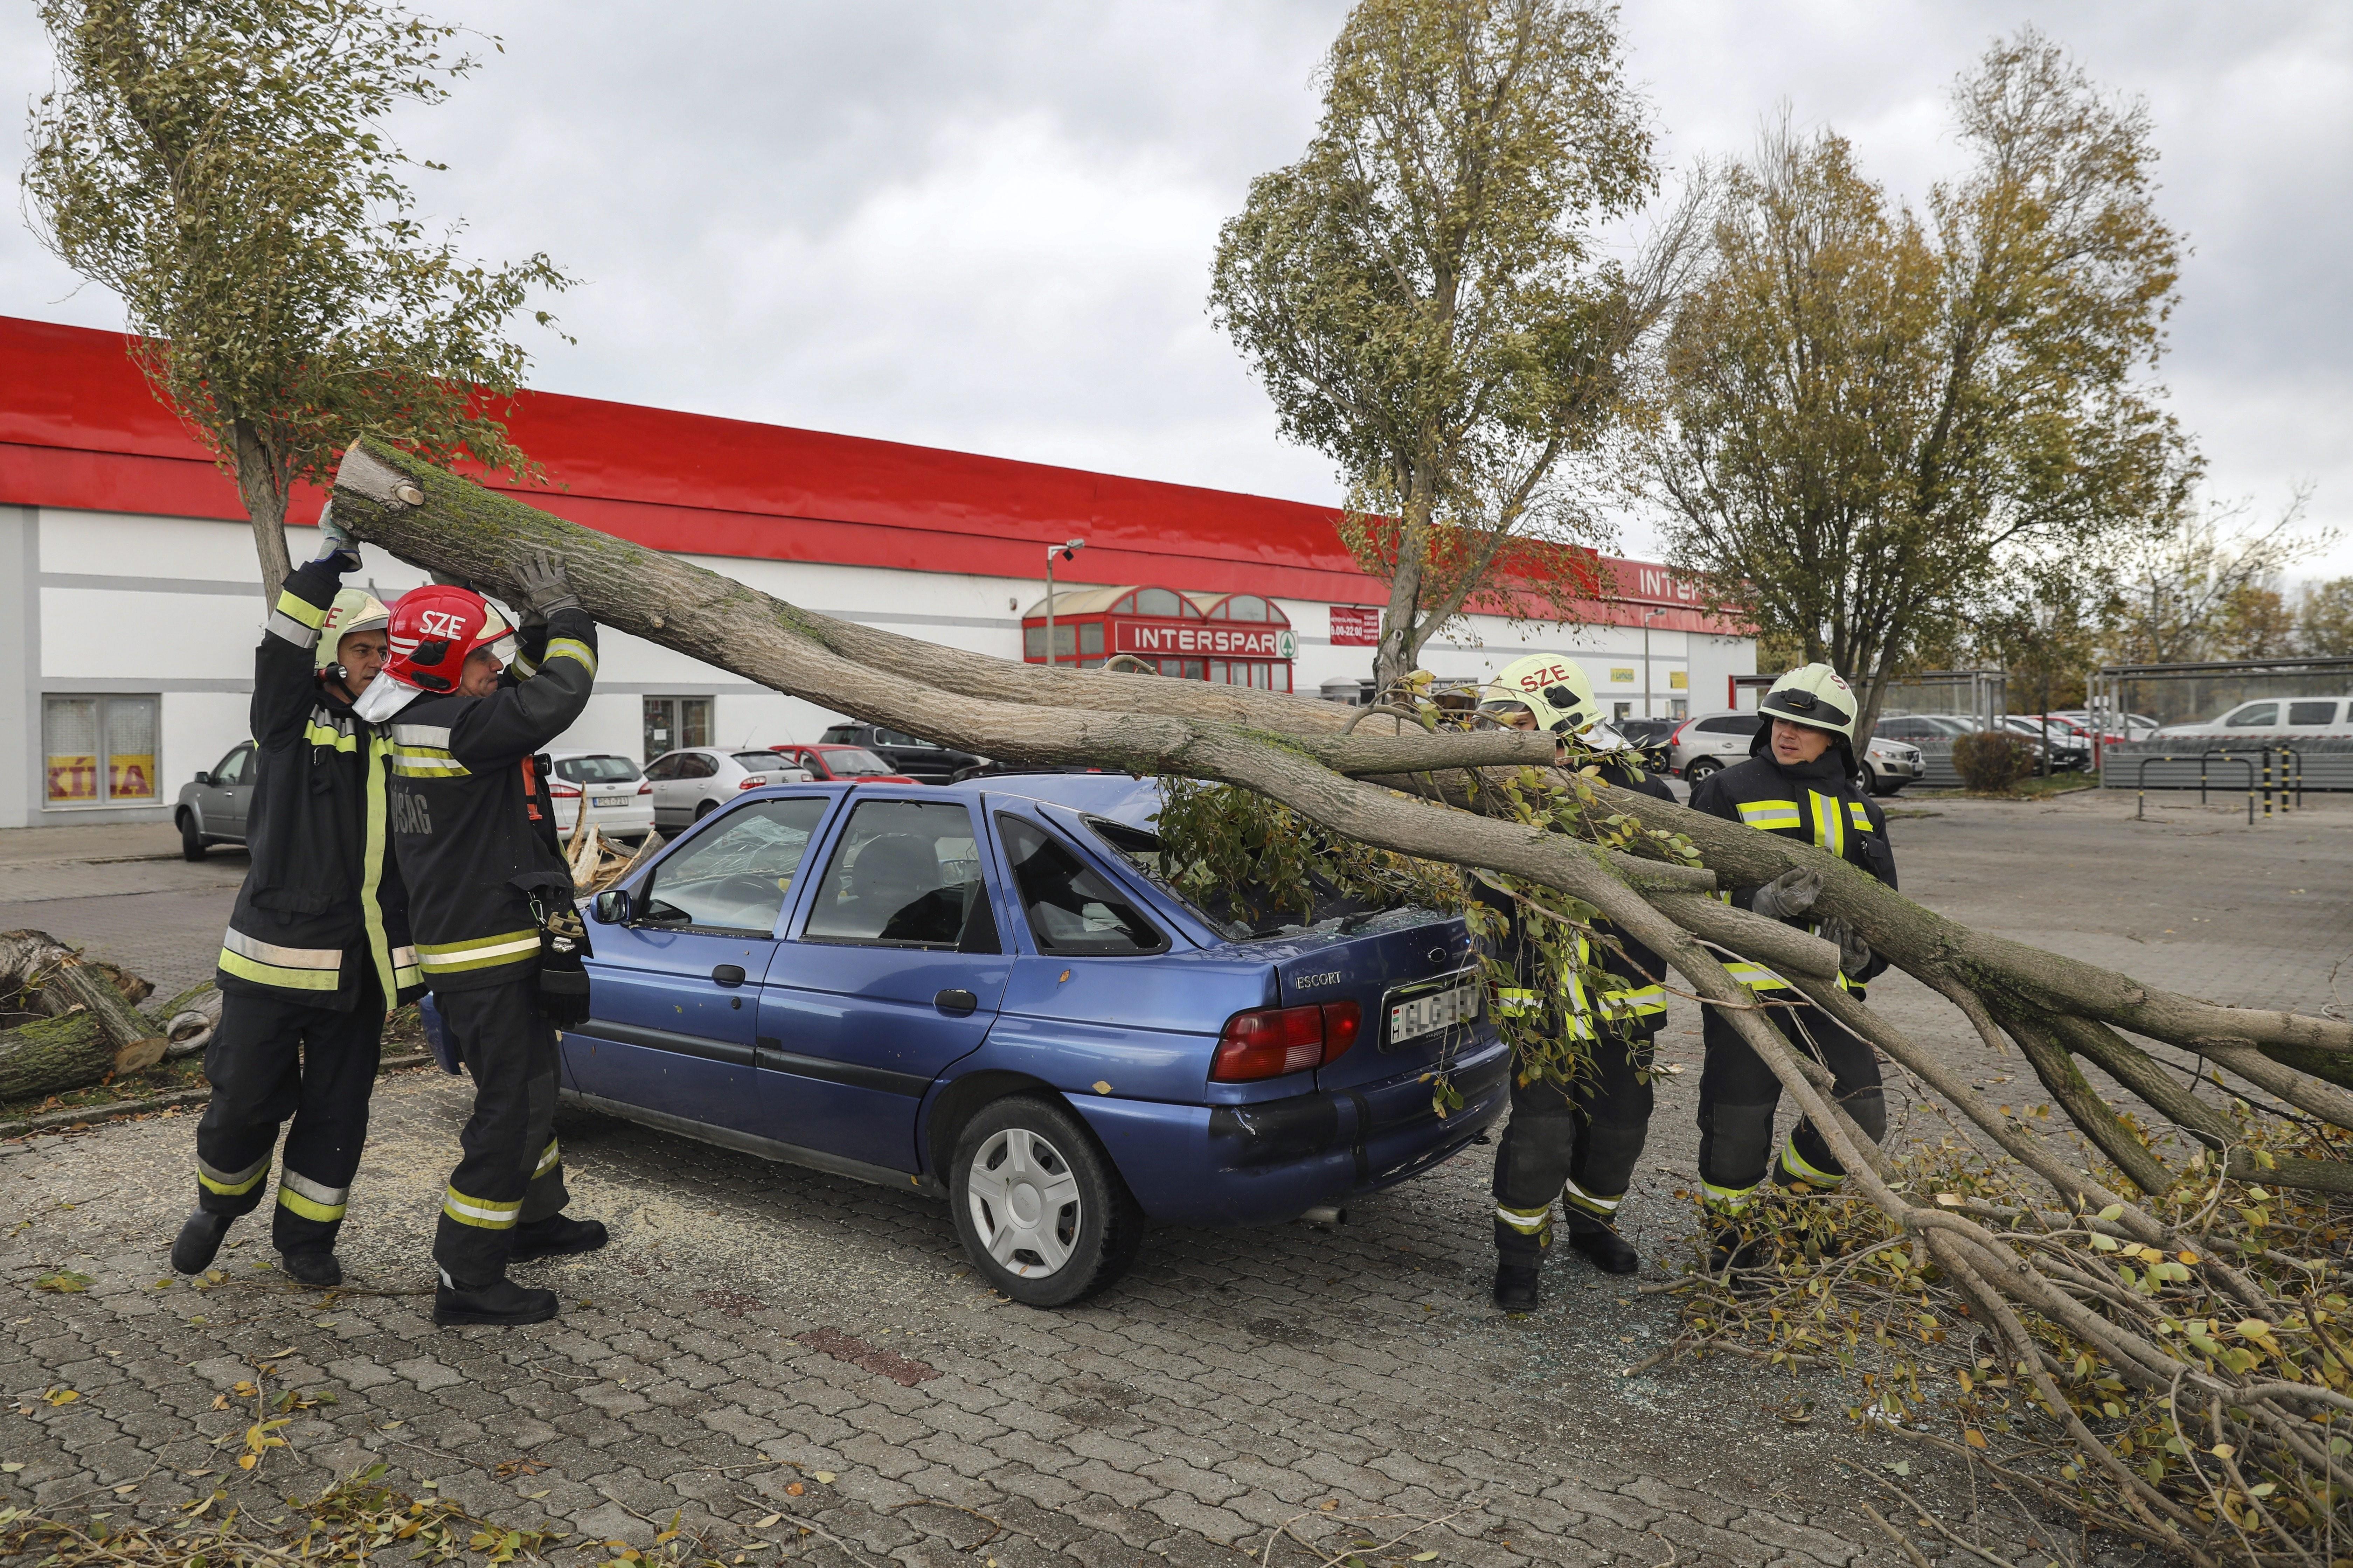 Itt a vihar - parkoló autóra dőlt egy fa (fotó)